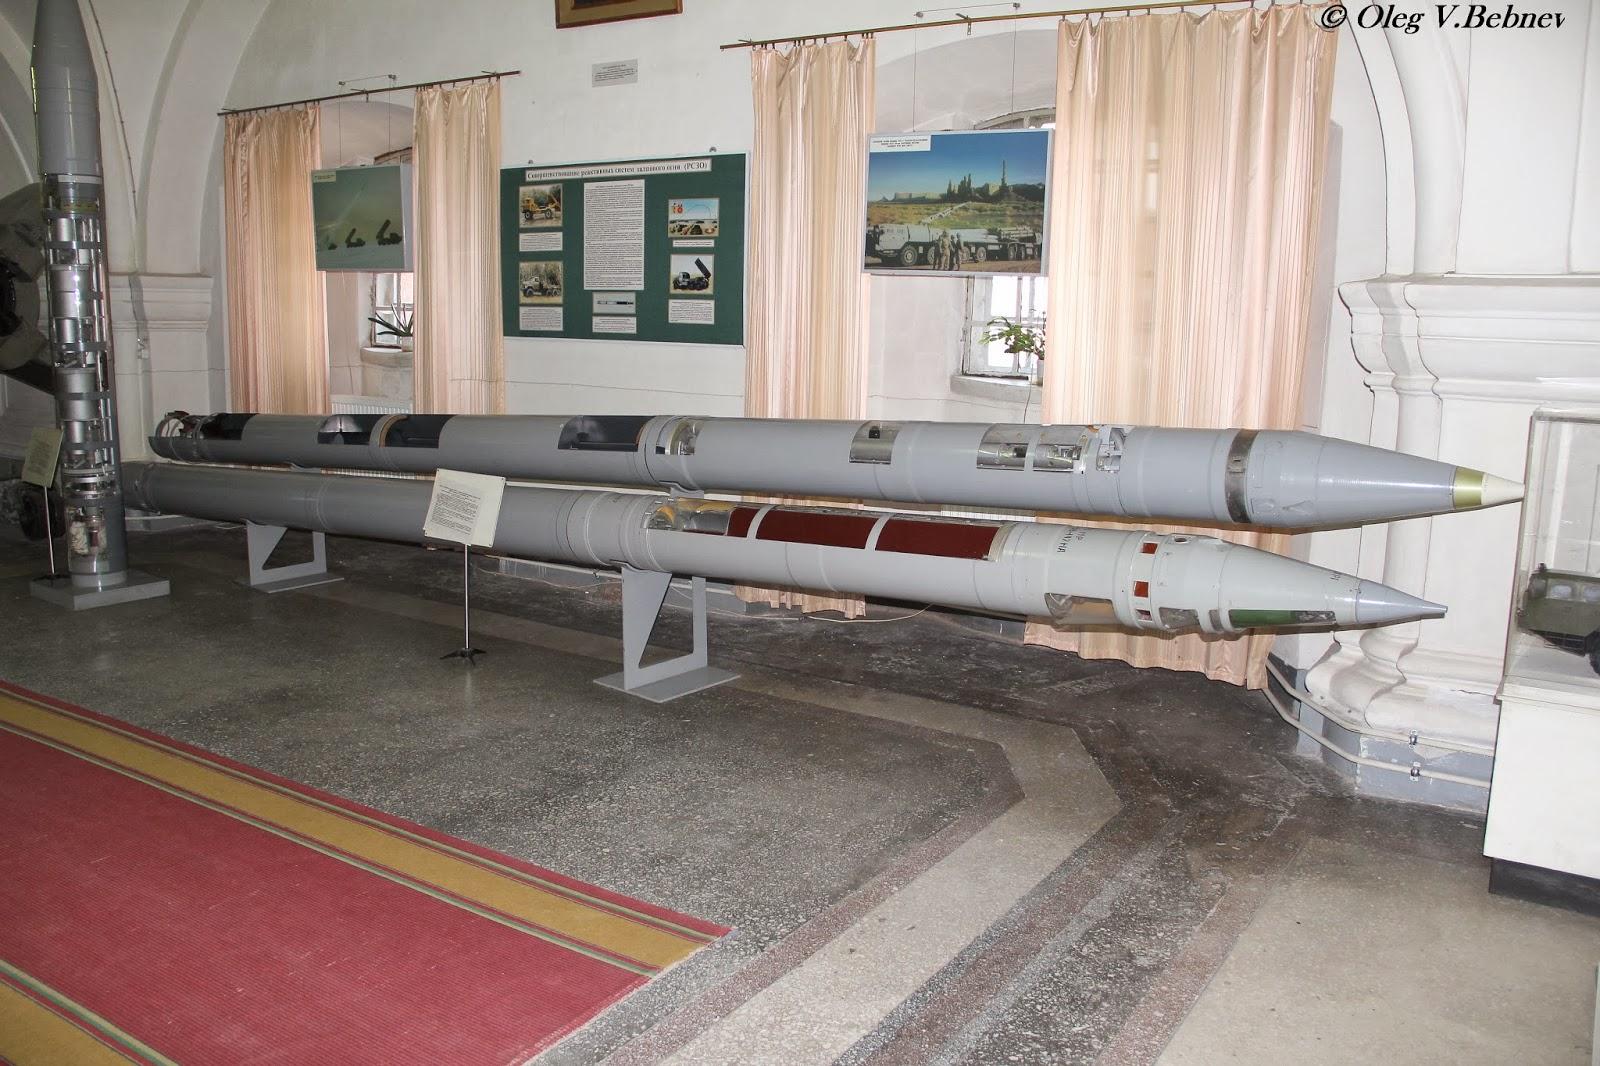 راجمات BM-30 Smerch في سوريا  0_92e3e_d7abab7c_orig